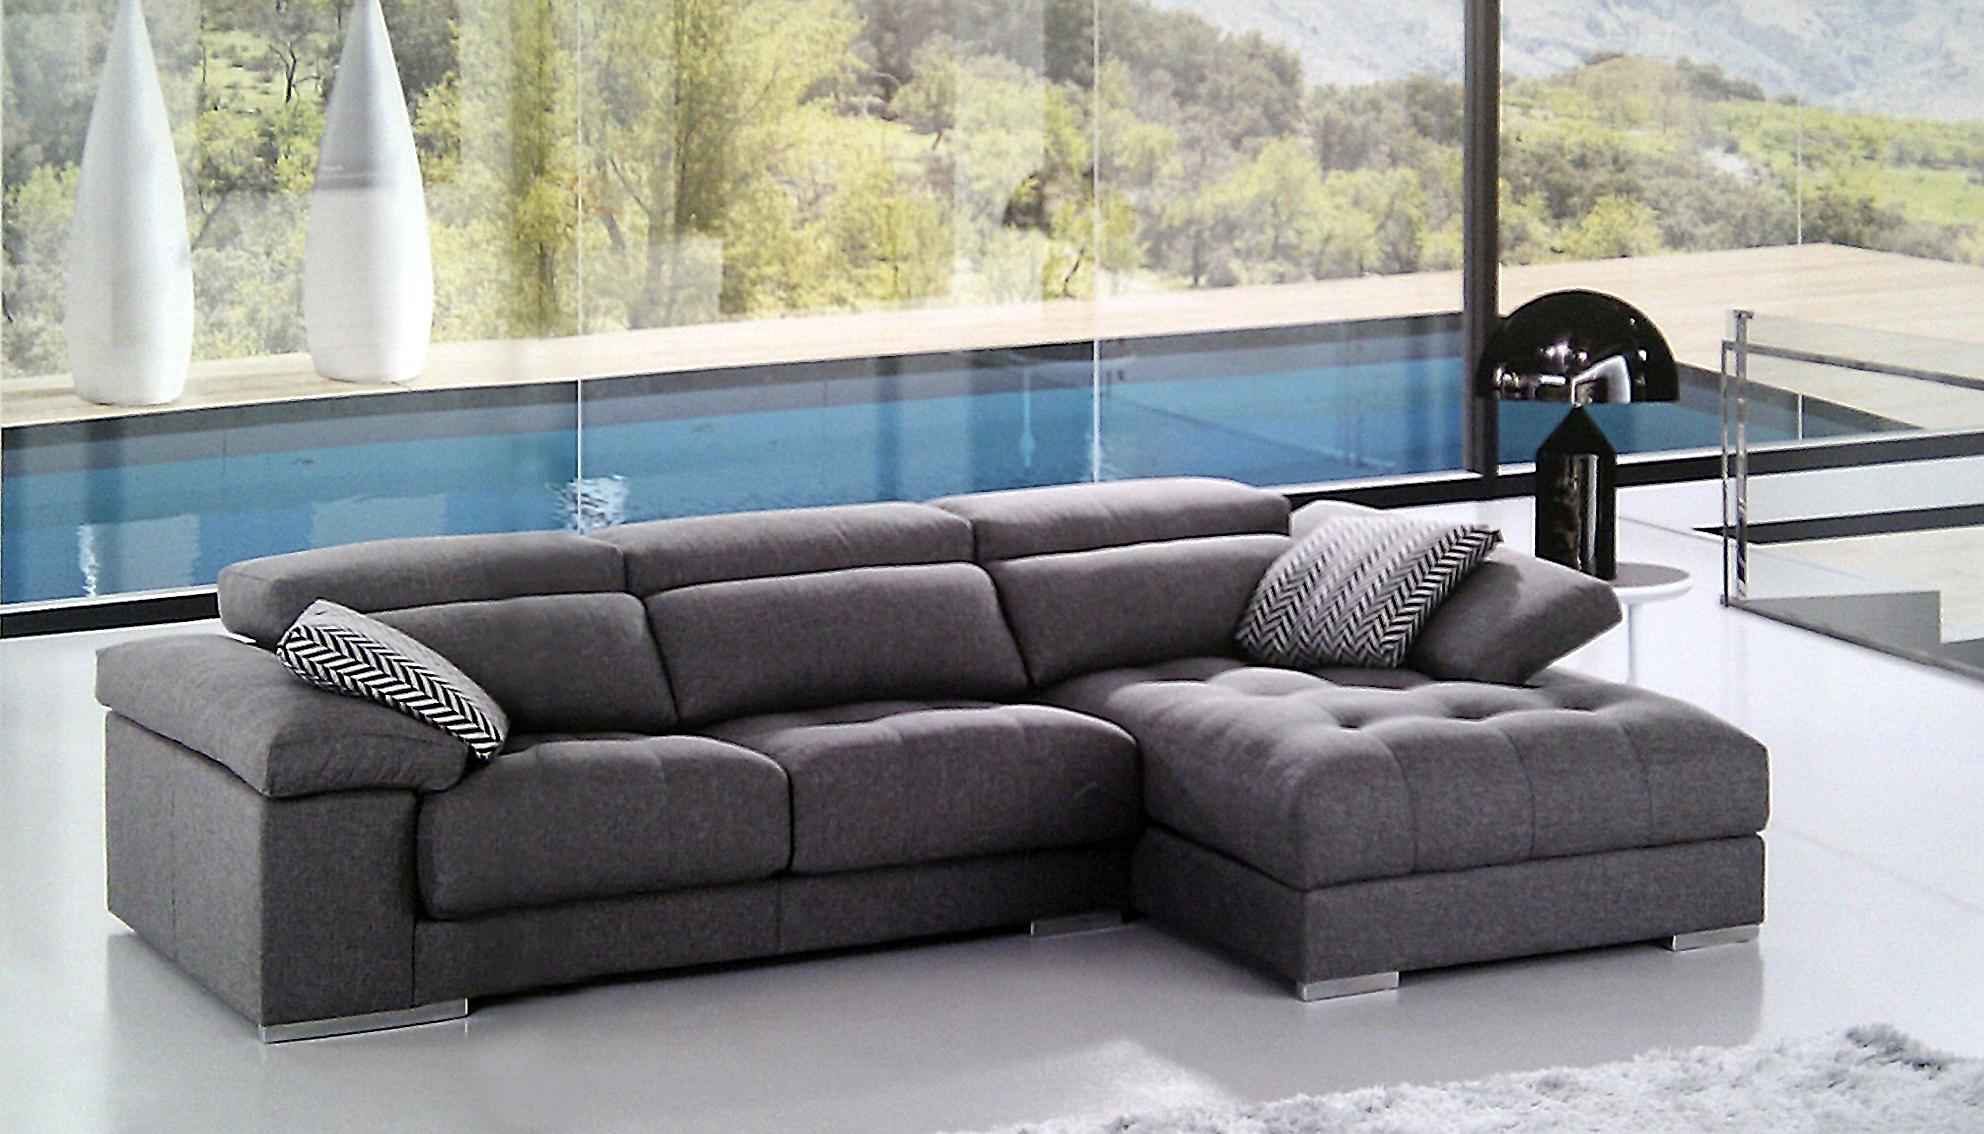 Has probado nuestros nuevos sof s de viscoel stica for Sofas modernos contemporaneos